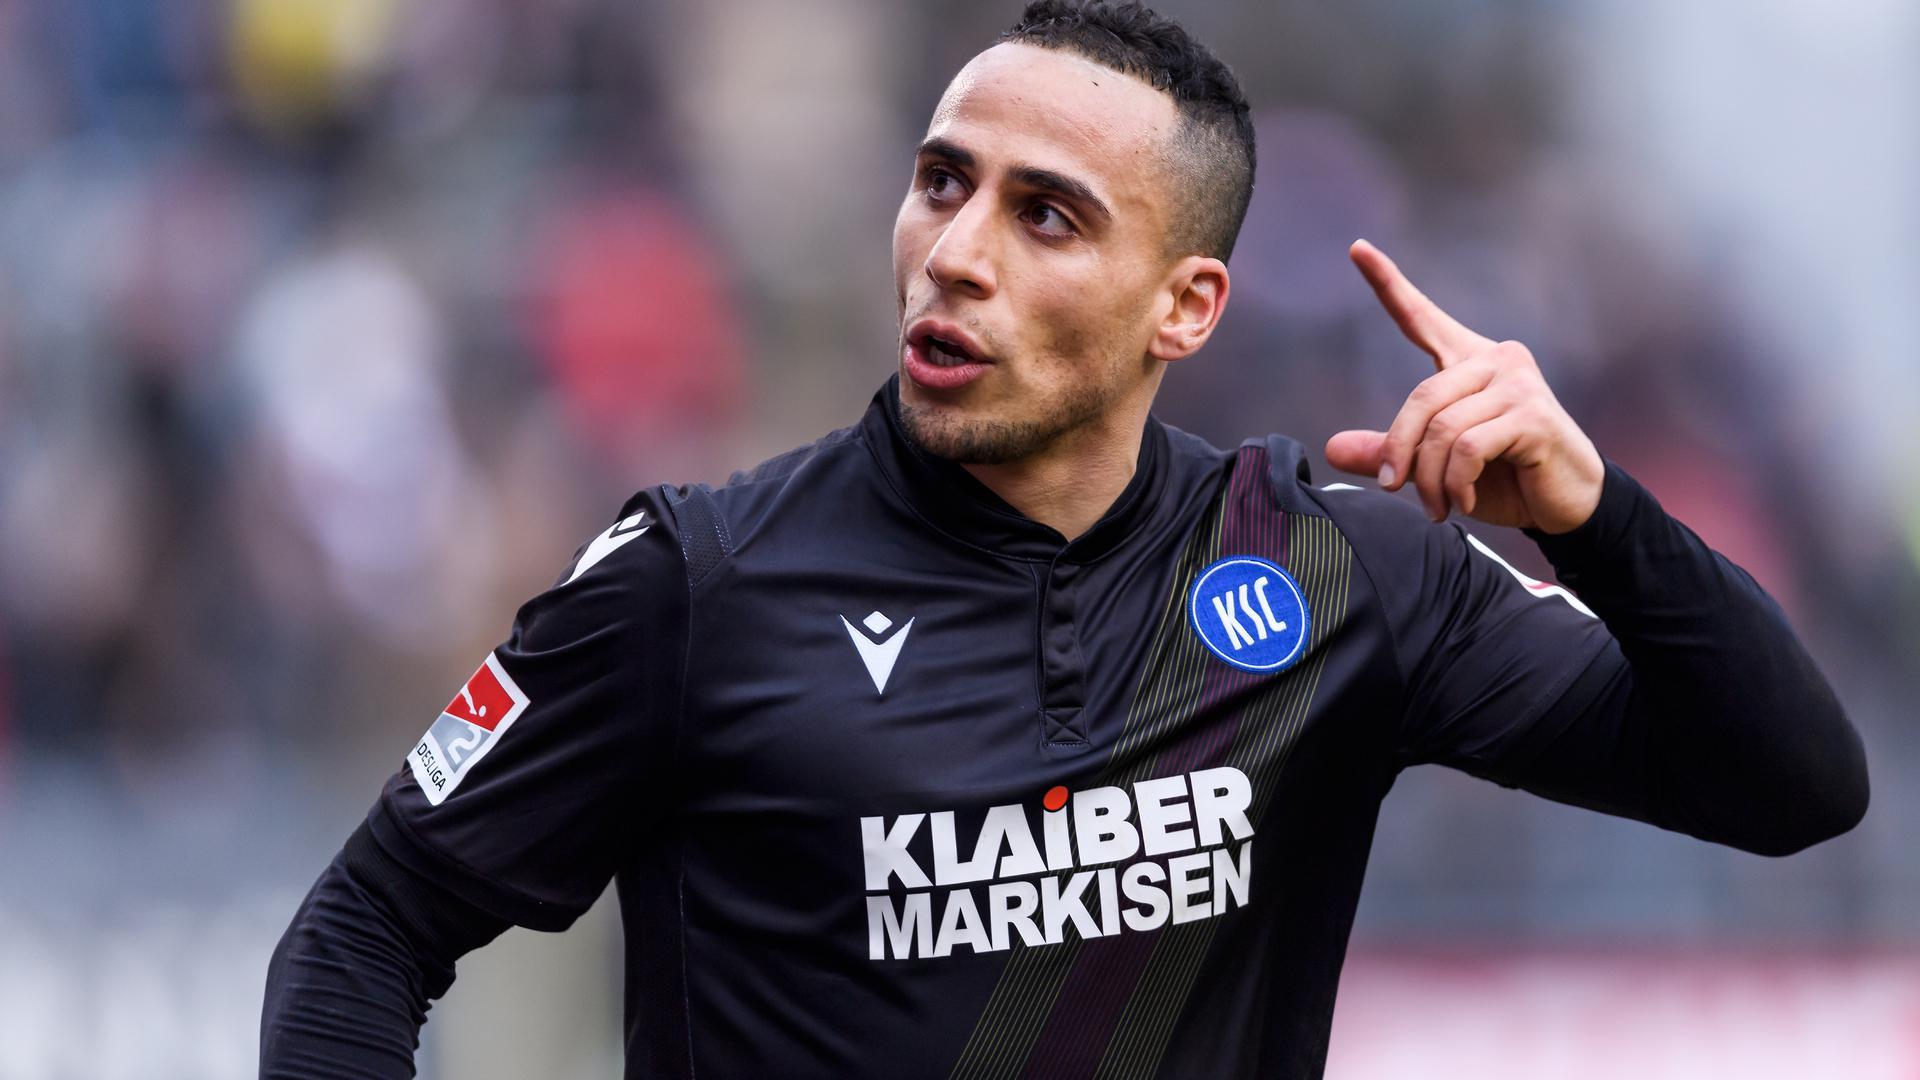 Nach seinem starken Auftritt gegen Sandhausen will KSC-Neuzugang Änis Ben-Hatira nun auch gegen Nürnberg jubeln.